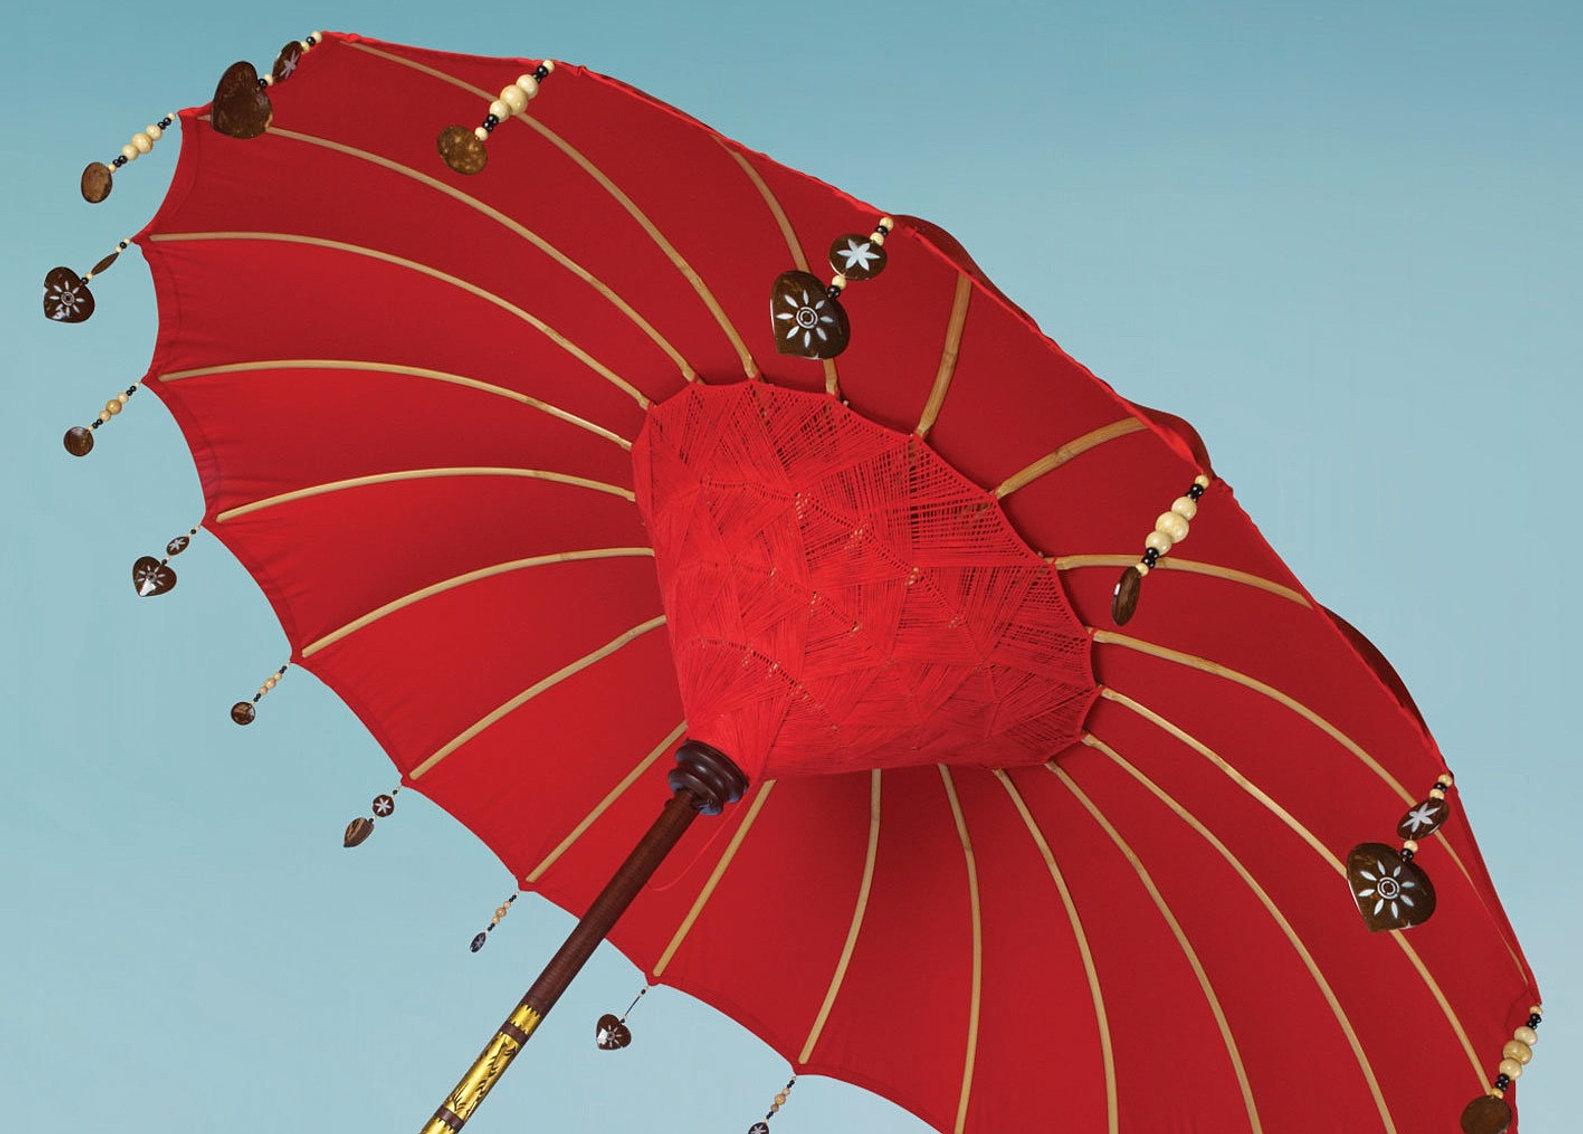 balinese parasols unique style balinese umbrellas